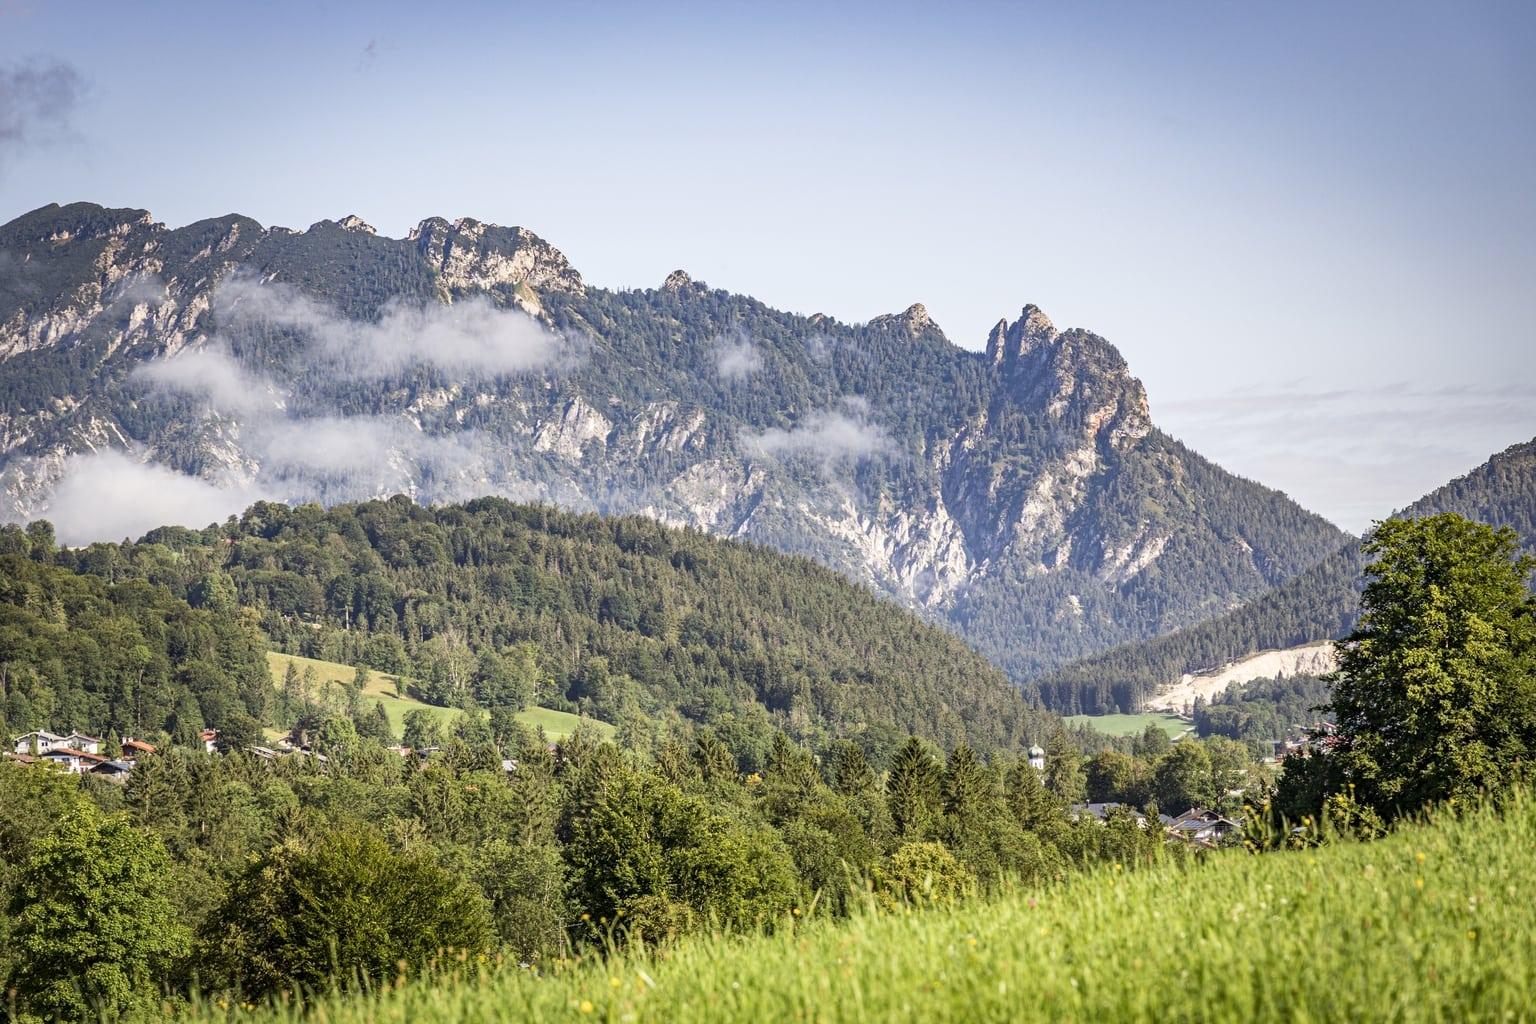 Berg Hexe in het Berchtesgadener Land is toneel voor Halloween